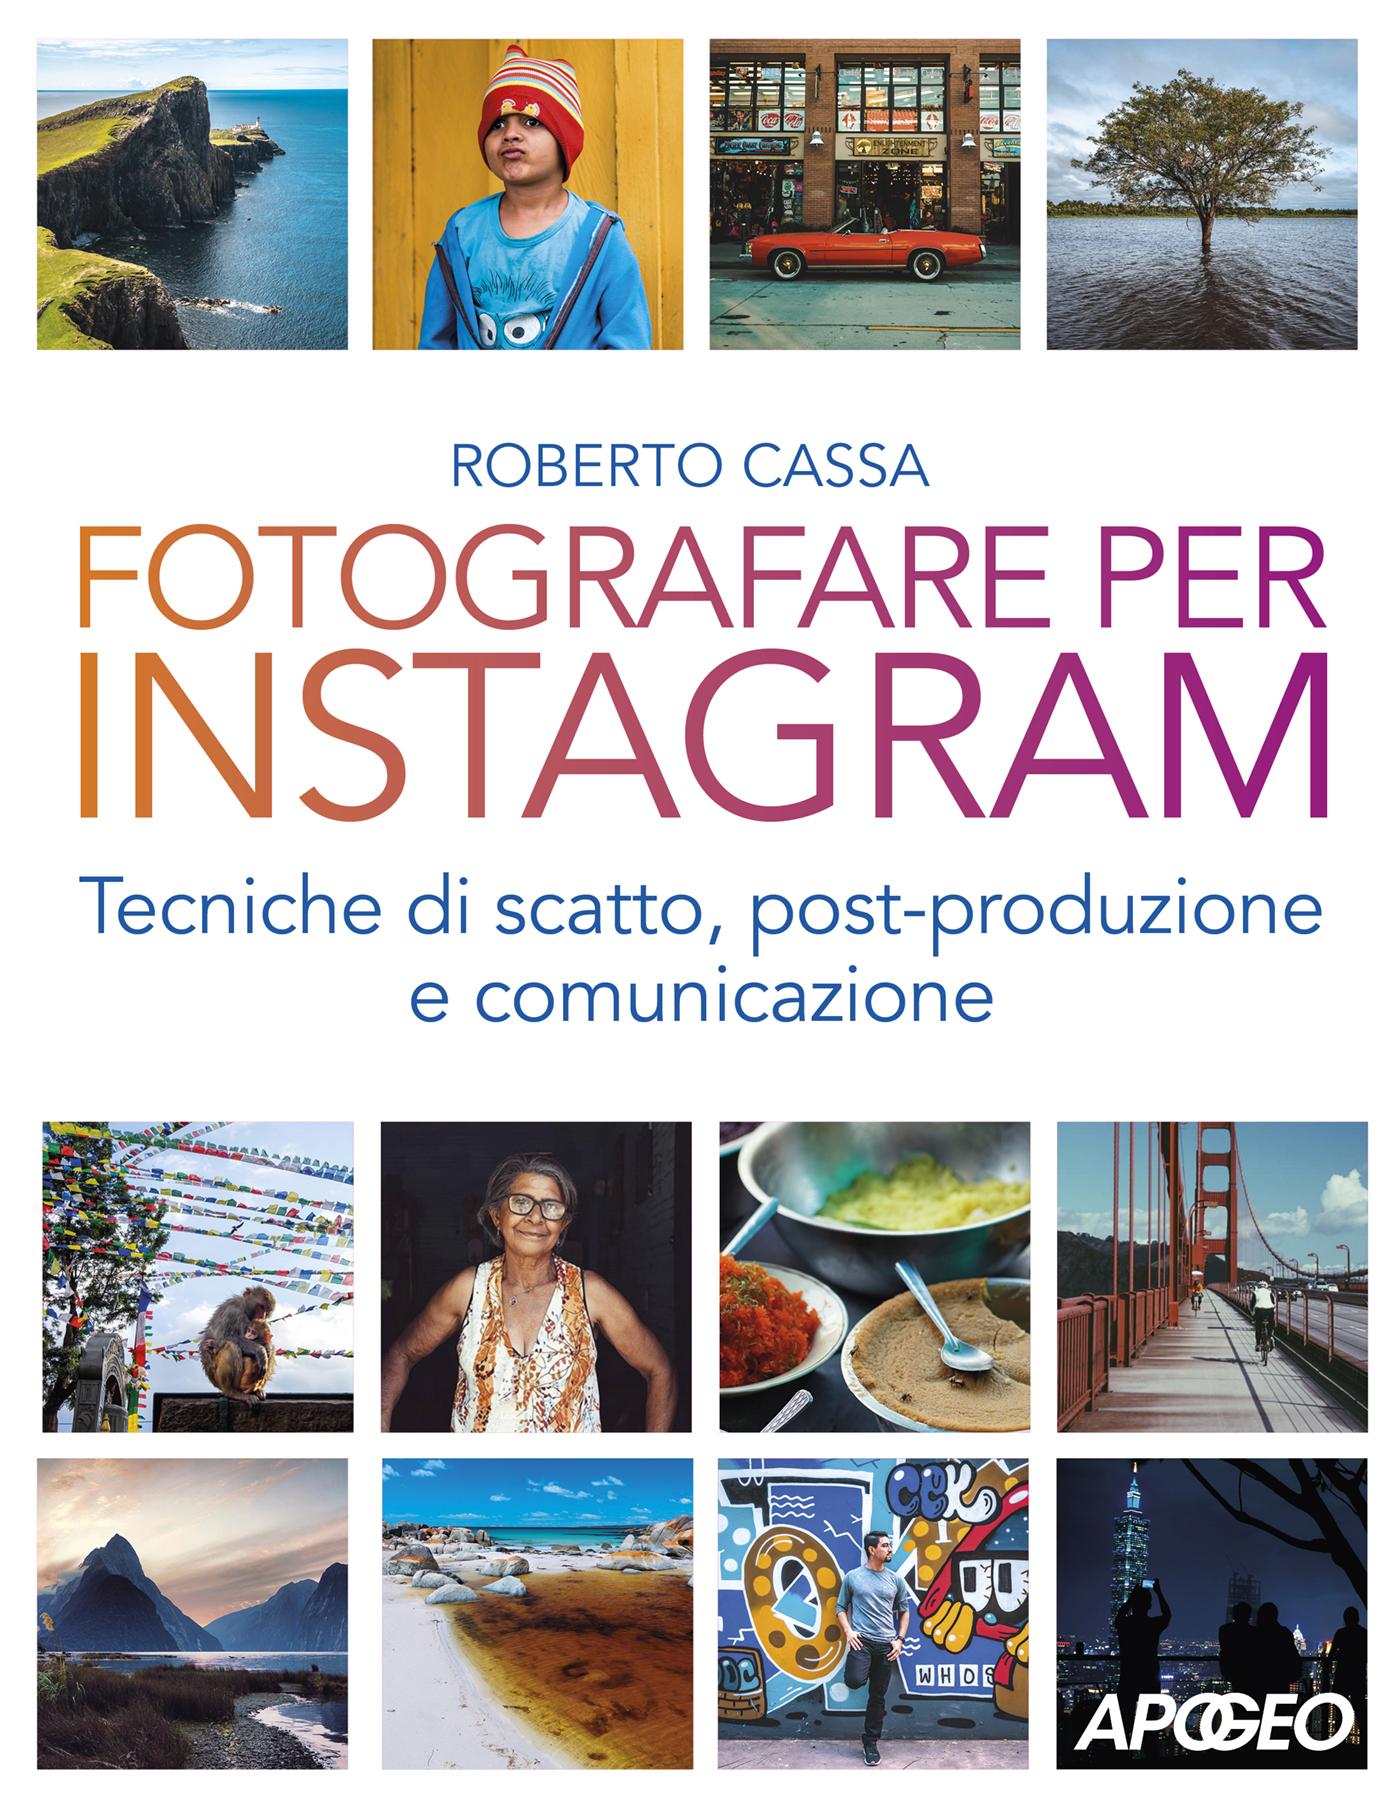 Fotografare per Instagram, di Roberto Cassa